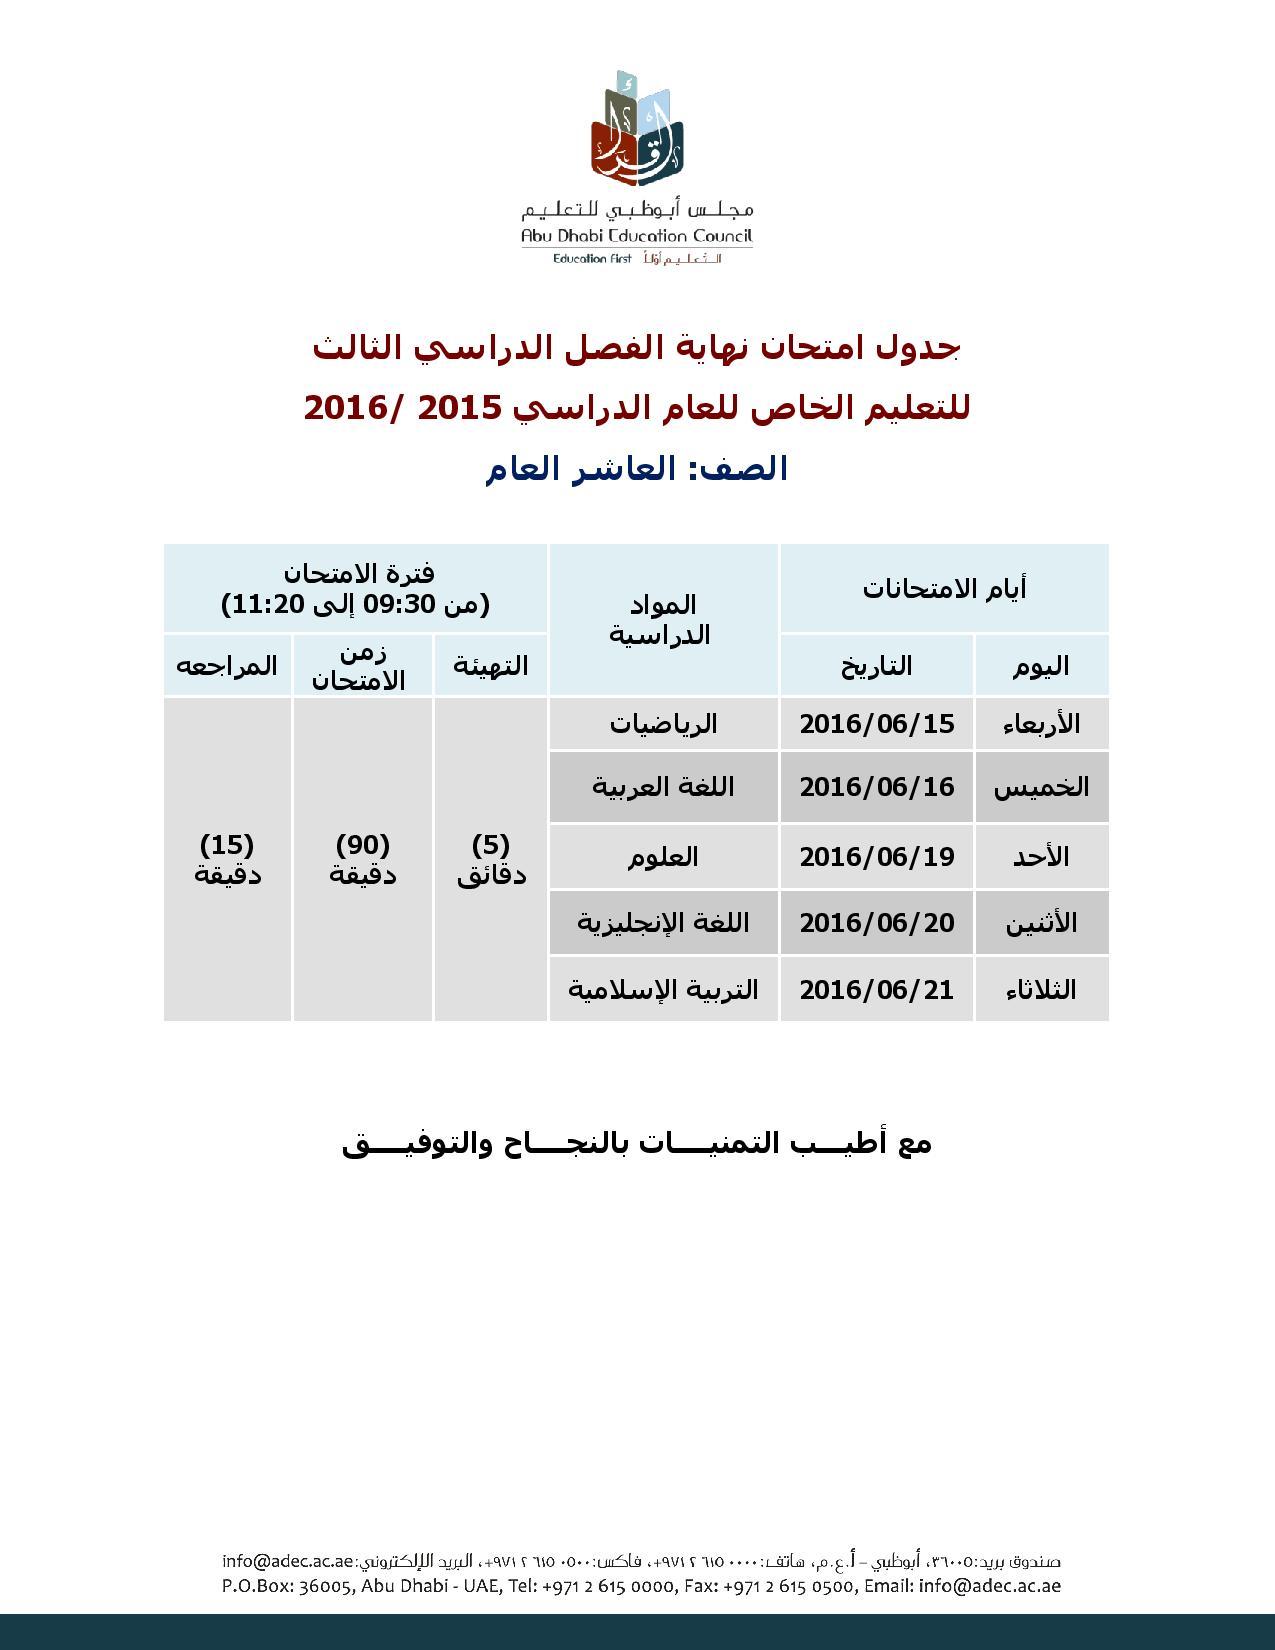 جدول الصف العاشر العام الفصل الثالث 2016